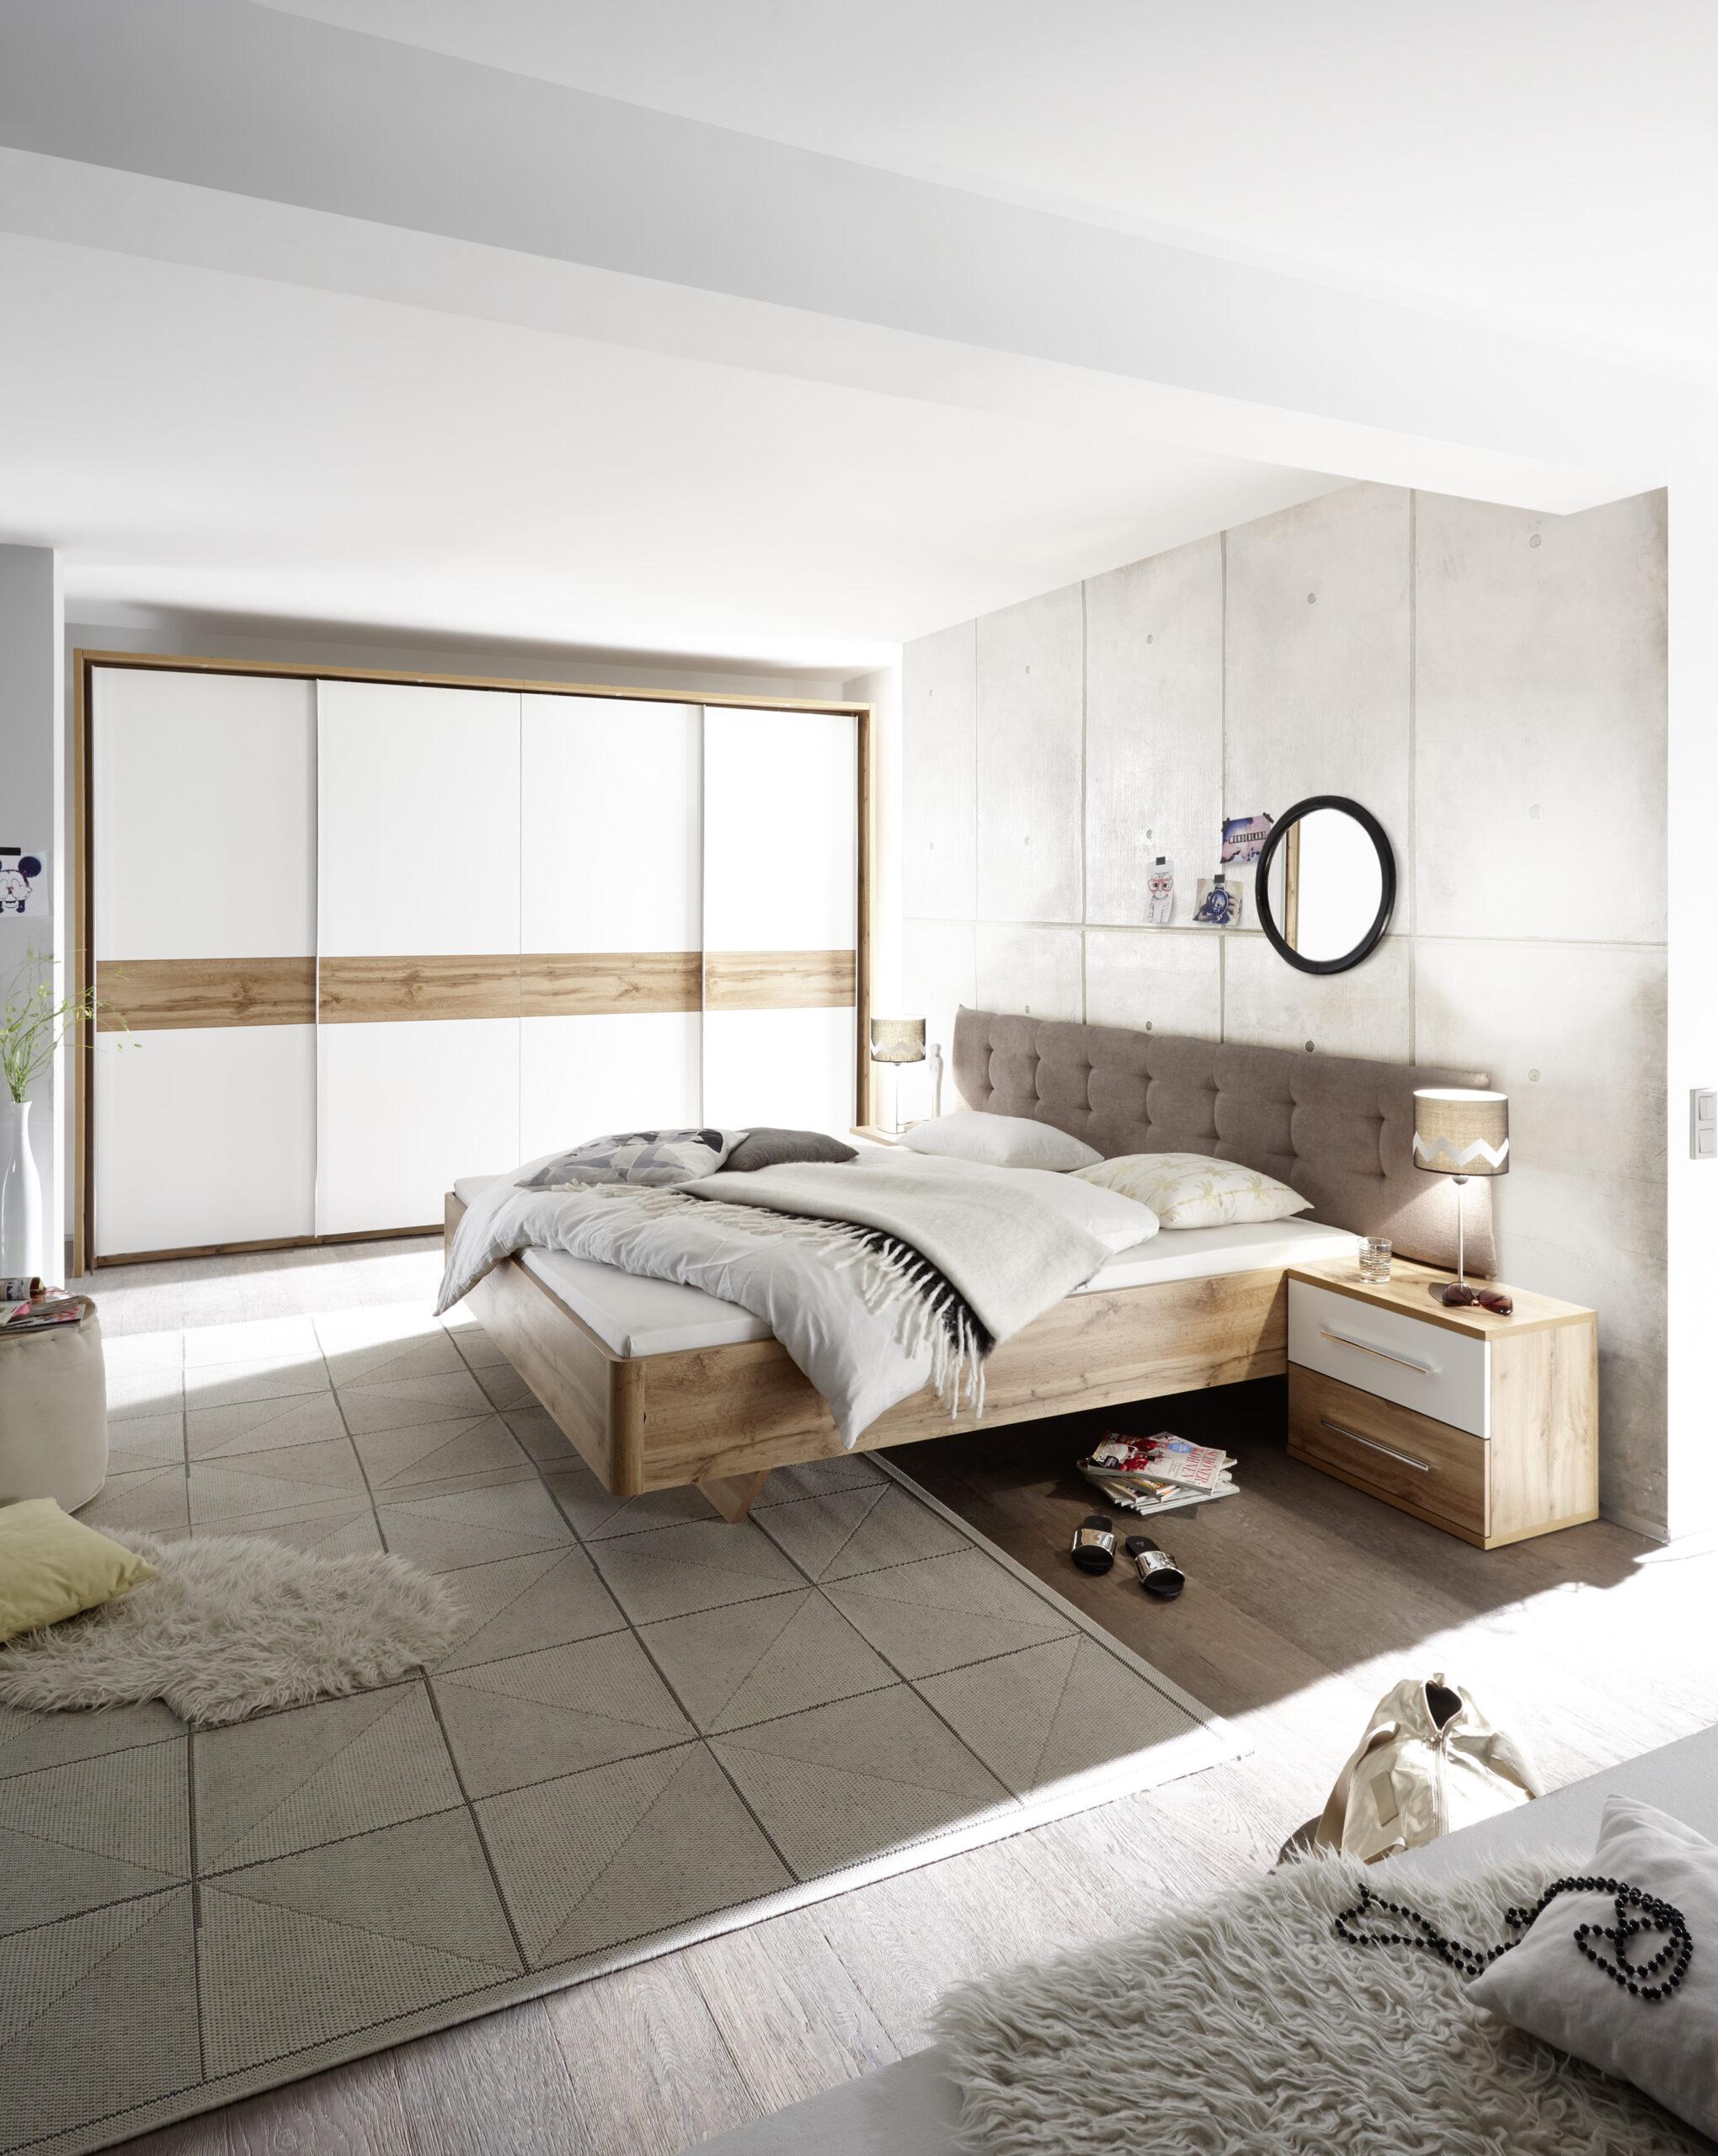 Full Size of Schlafzimmer Komplett Modern Luxus Weiss Massiv Set 5 Tlg Bergamo Bett 180 Kleiderschrank Tapeten Stehlampe Truhe Esstisch Poco Landhaus Wohnzimmer Vorhänge Wohnzimmer Schlafzimmer Komplett Modern